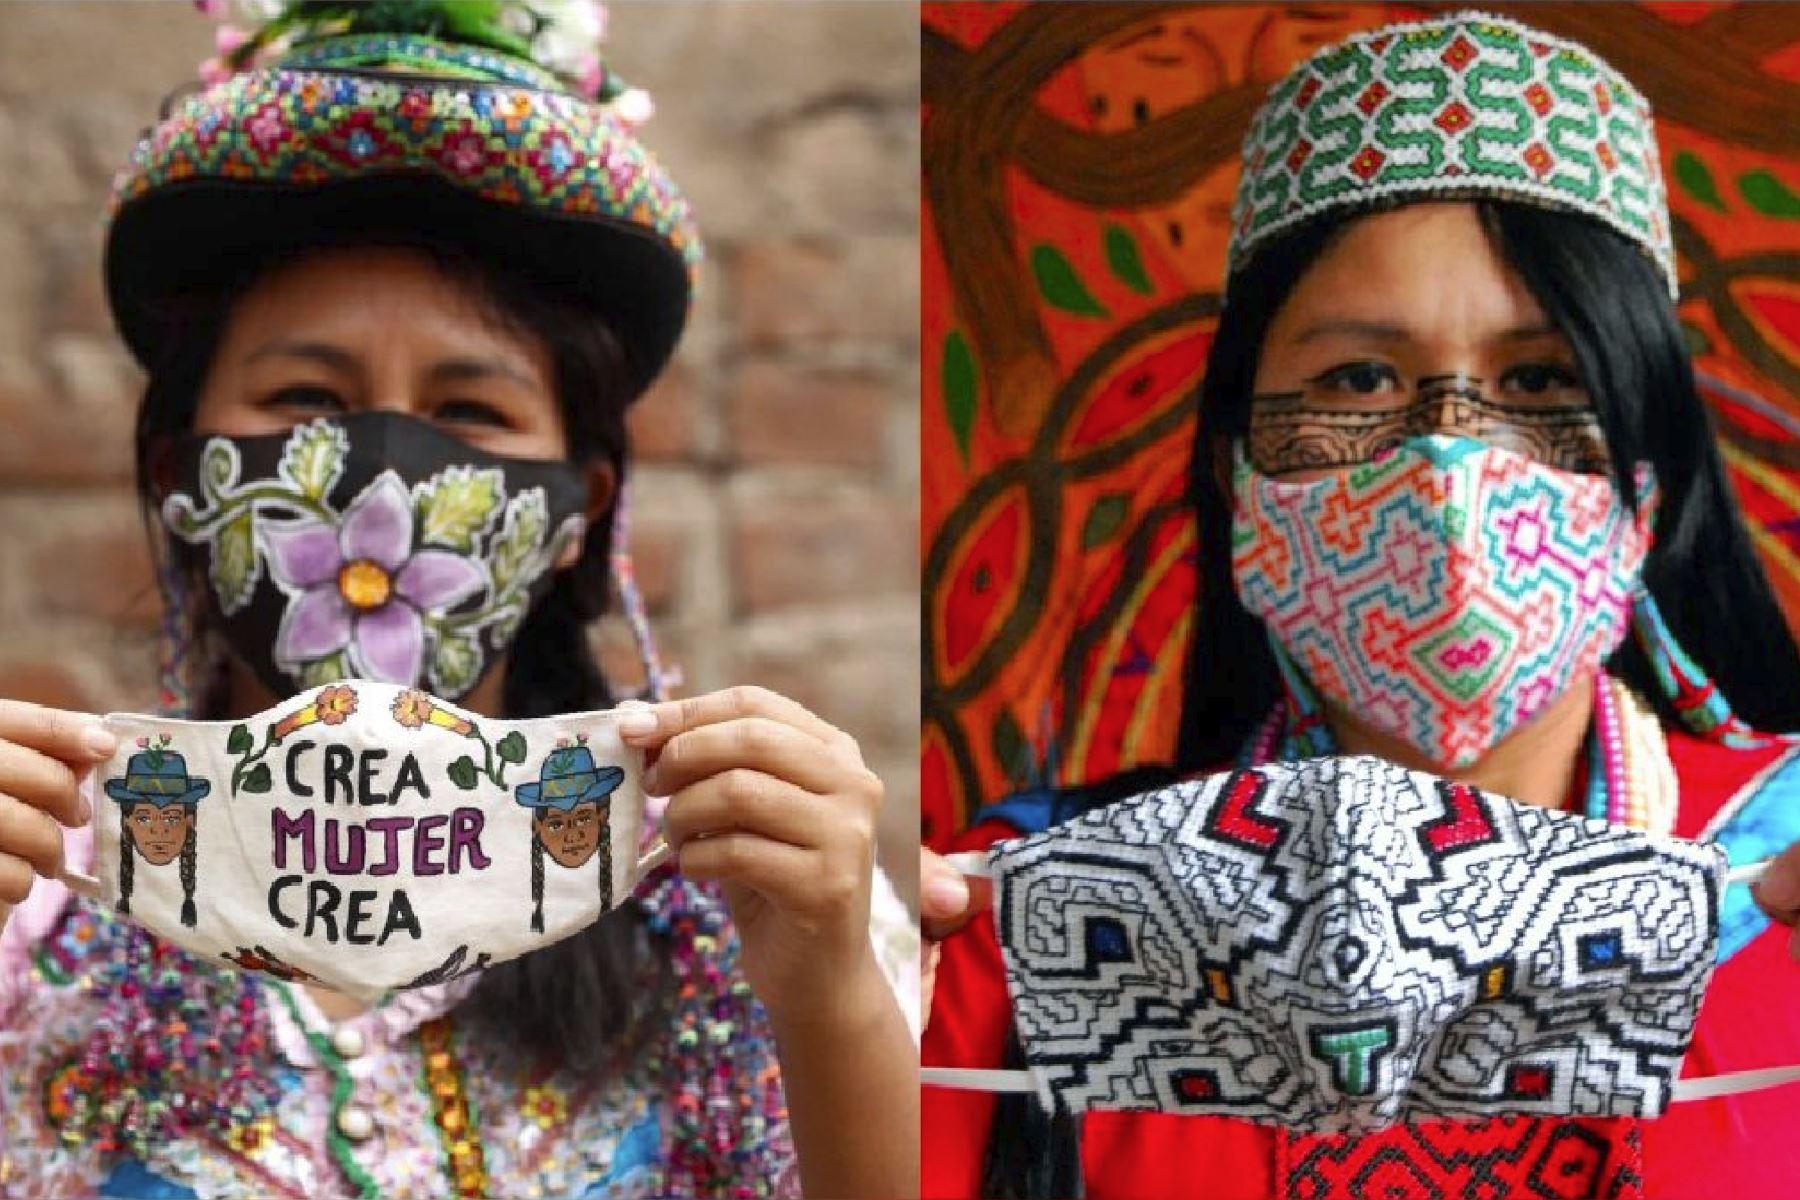 Según la Asociación de Pueblos de Artesanos, en Perú existen 200,000 artesanos en el país. Foto: Difusión